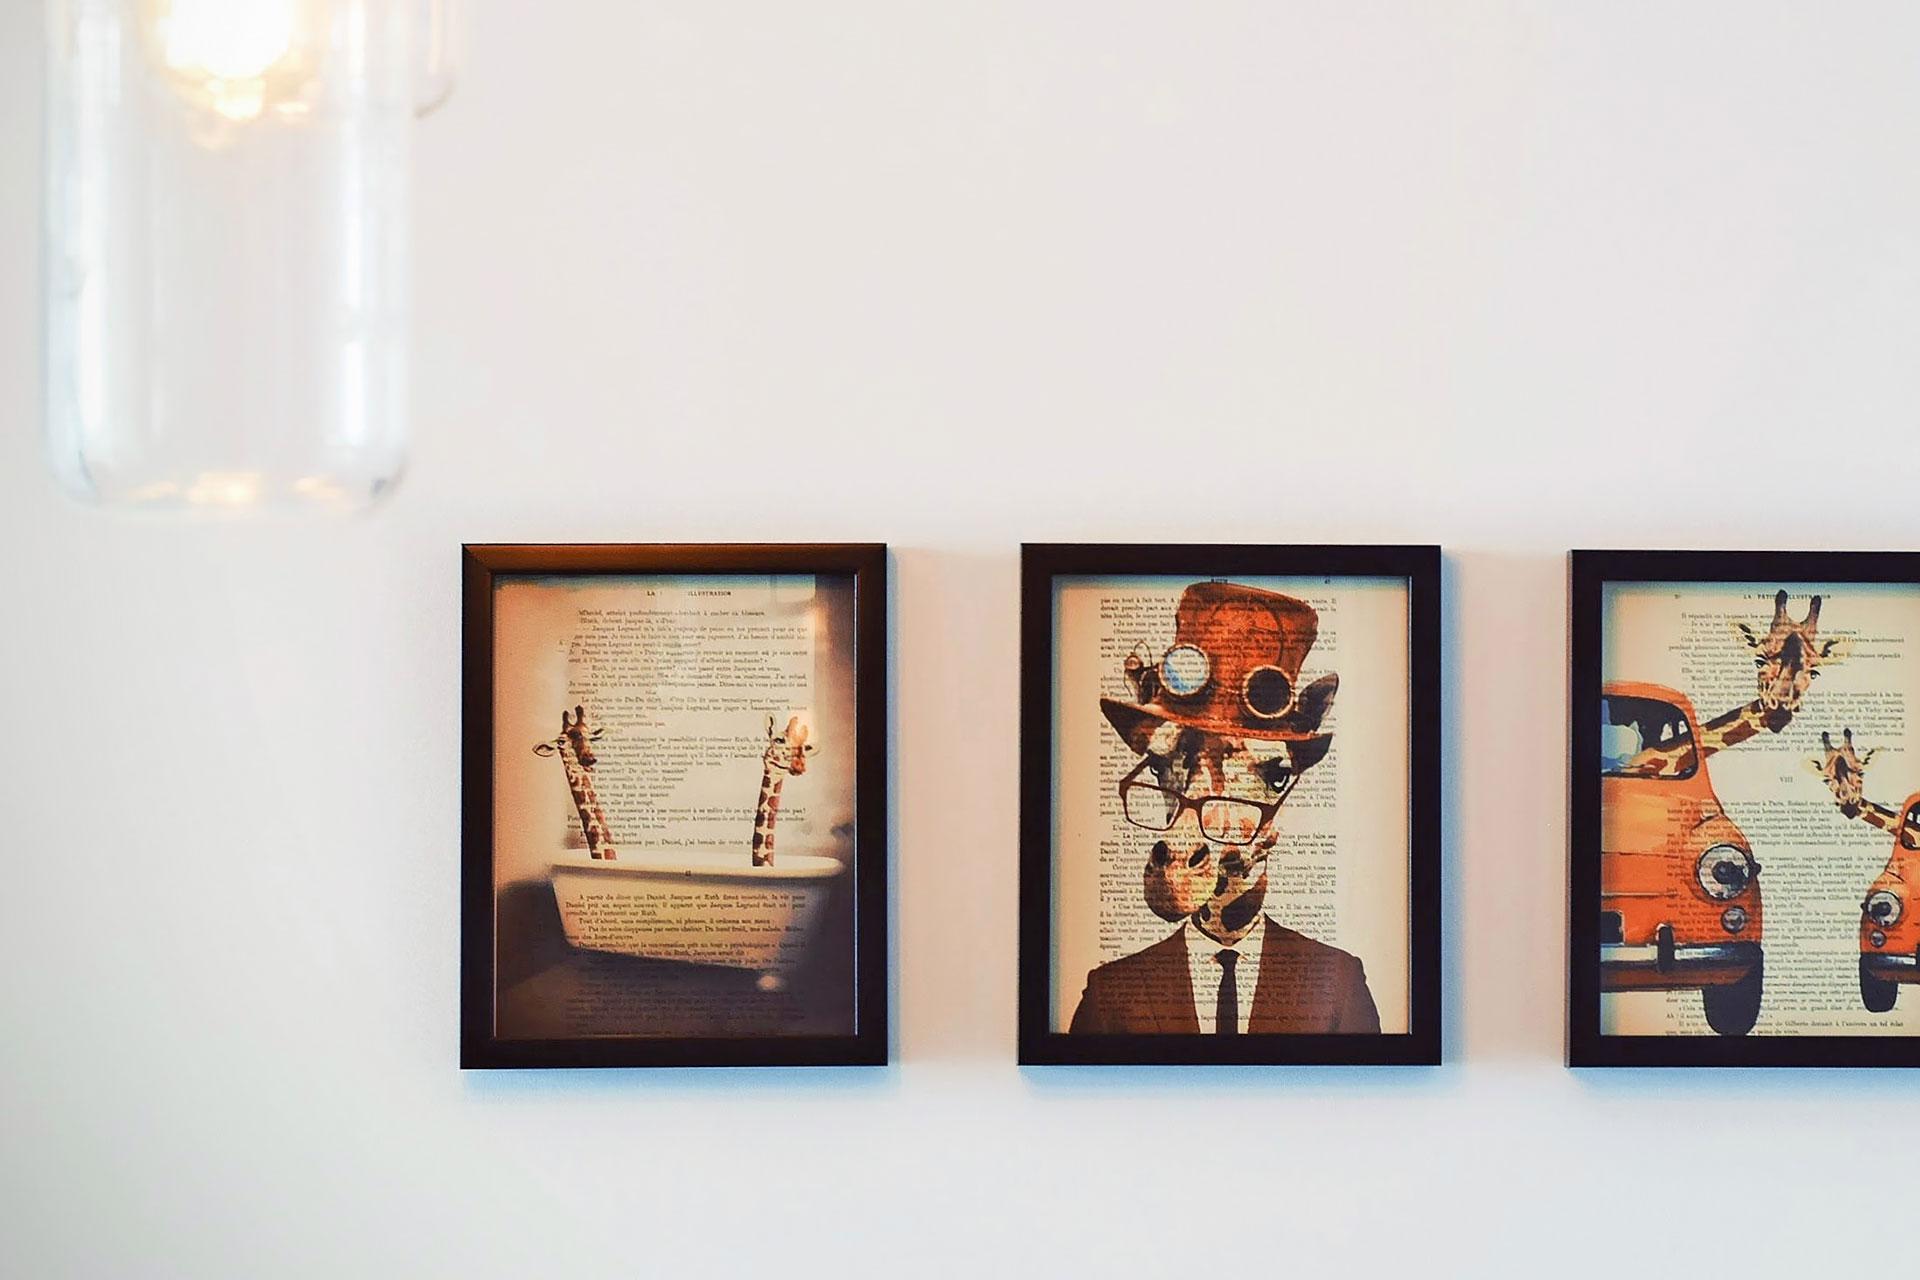 Bilder in einer Ausstellung: Giraffen gemalt auf Buchseiten